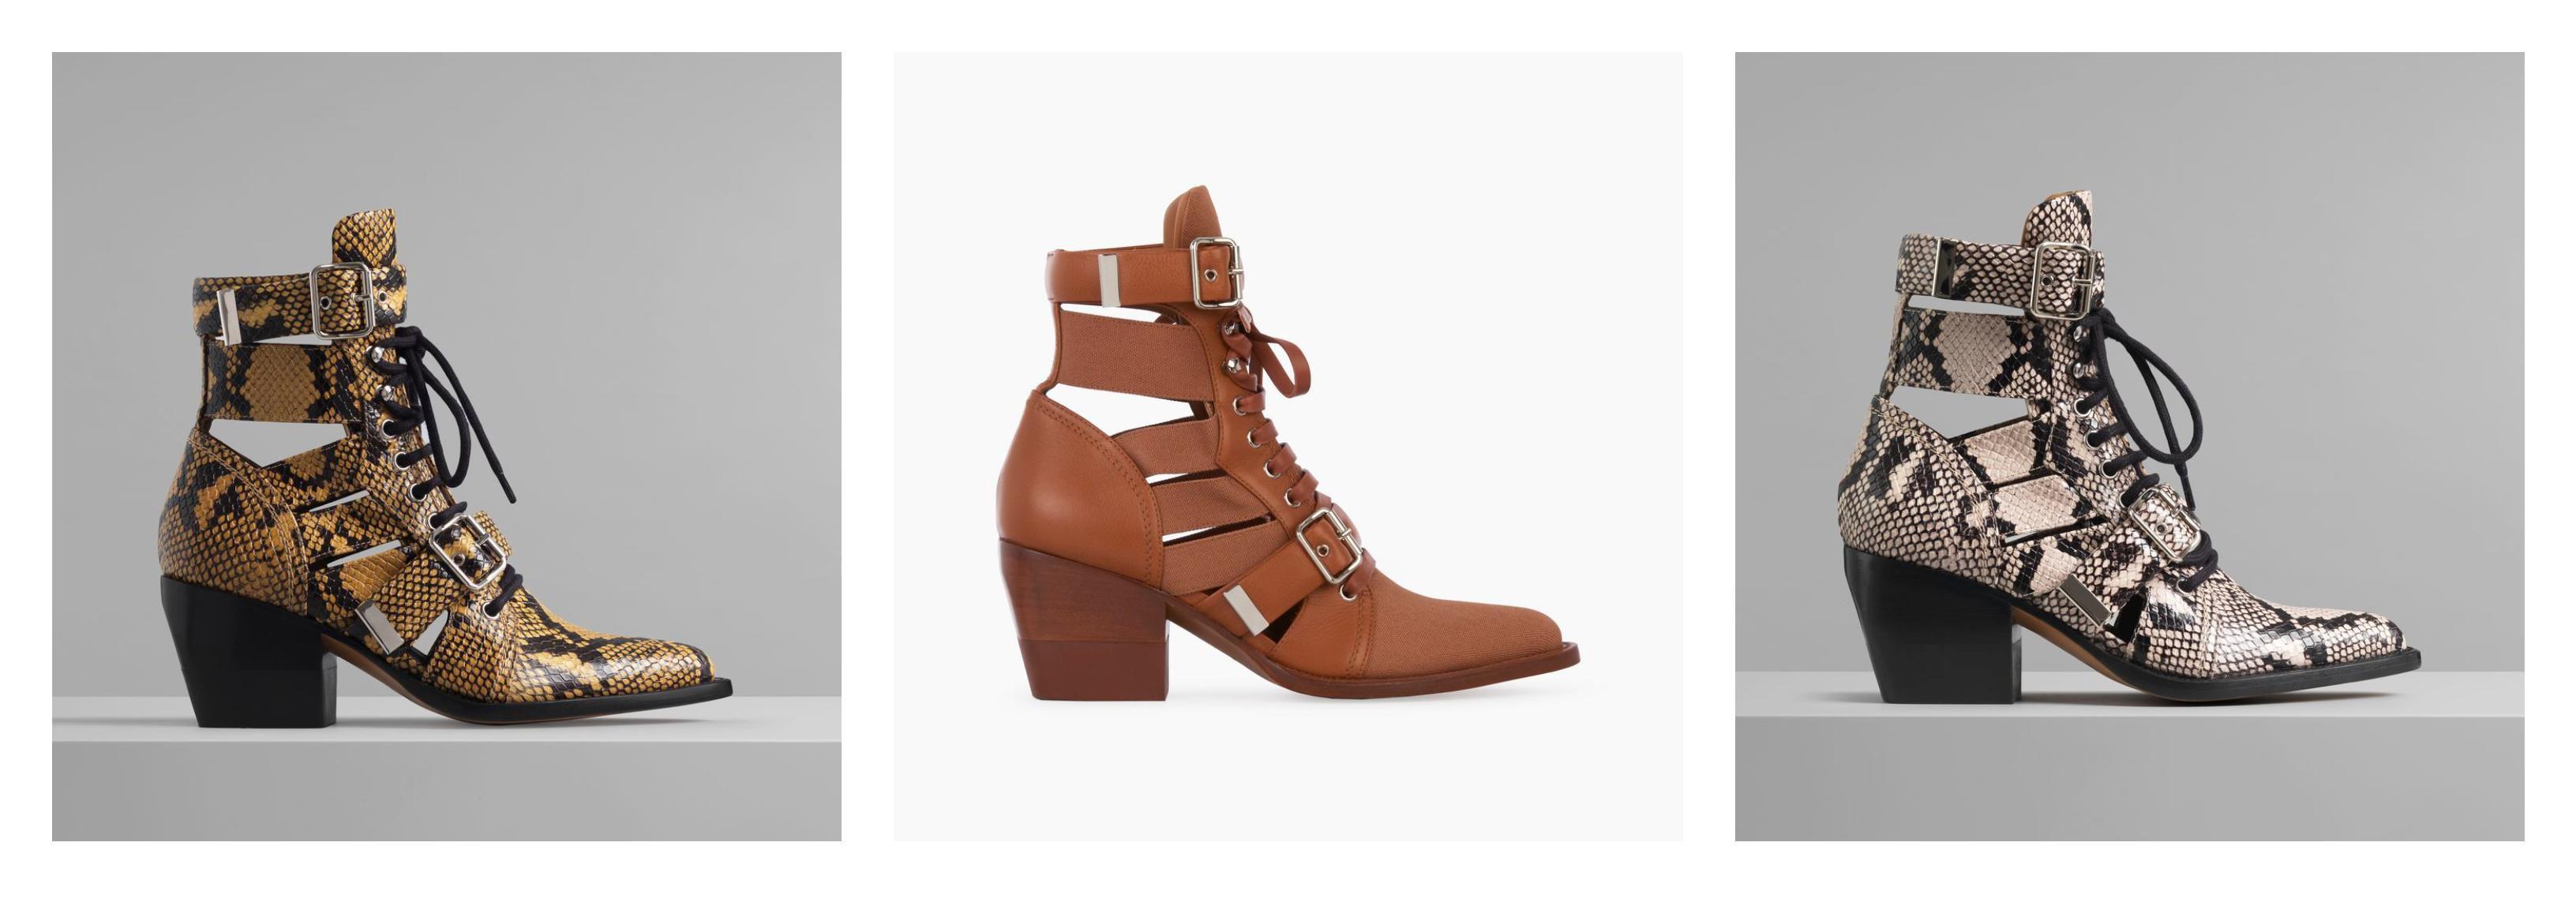 Chloe ima najtraženije čizme sezone, a u high street trgovinama pronašli smo dva vrlo slična modela!